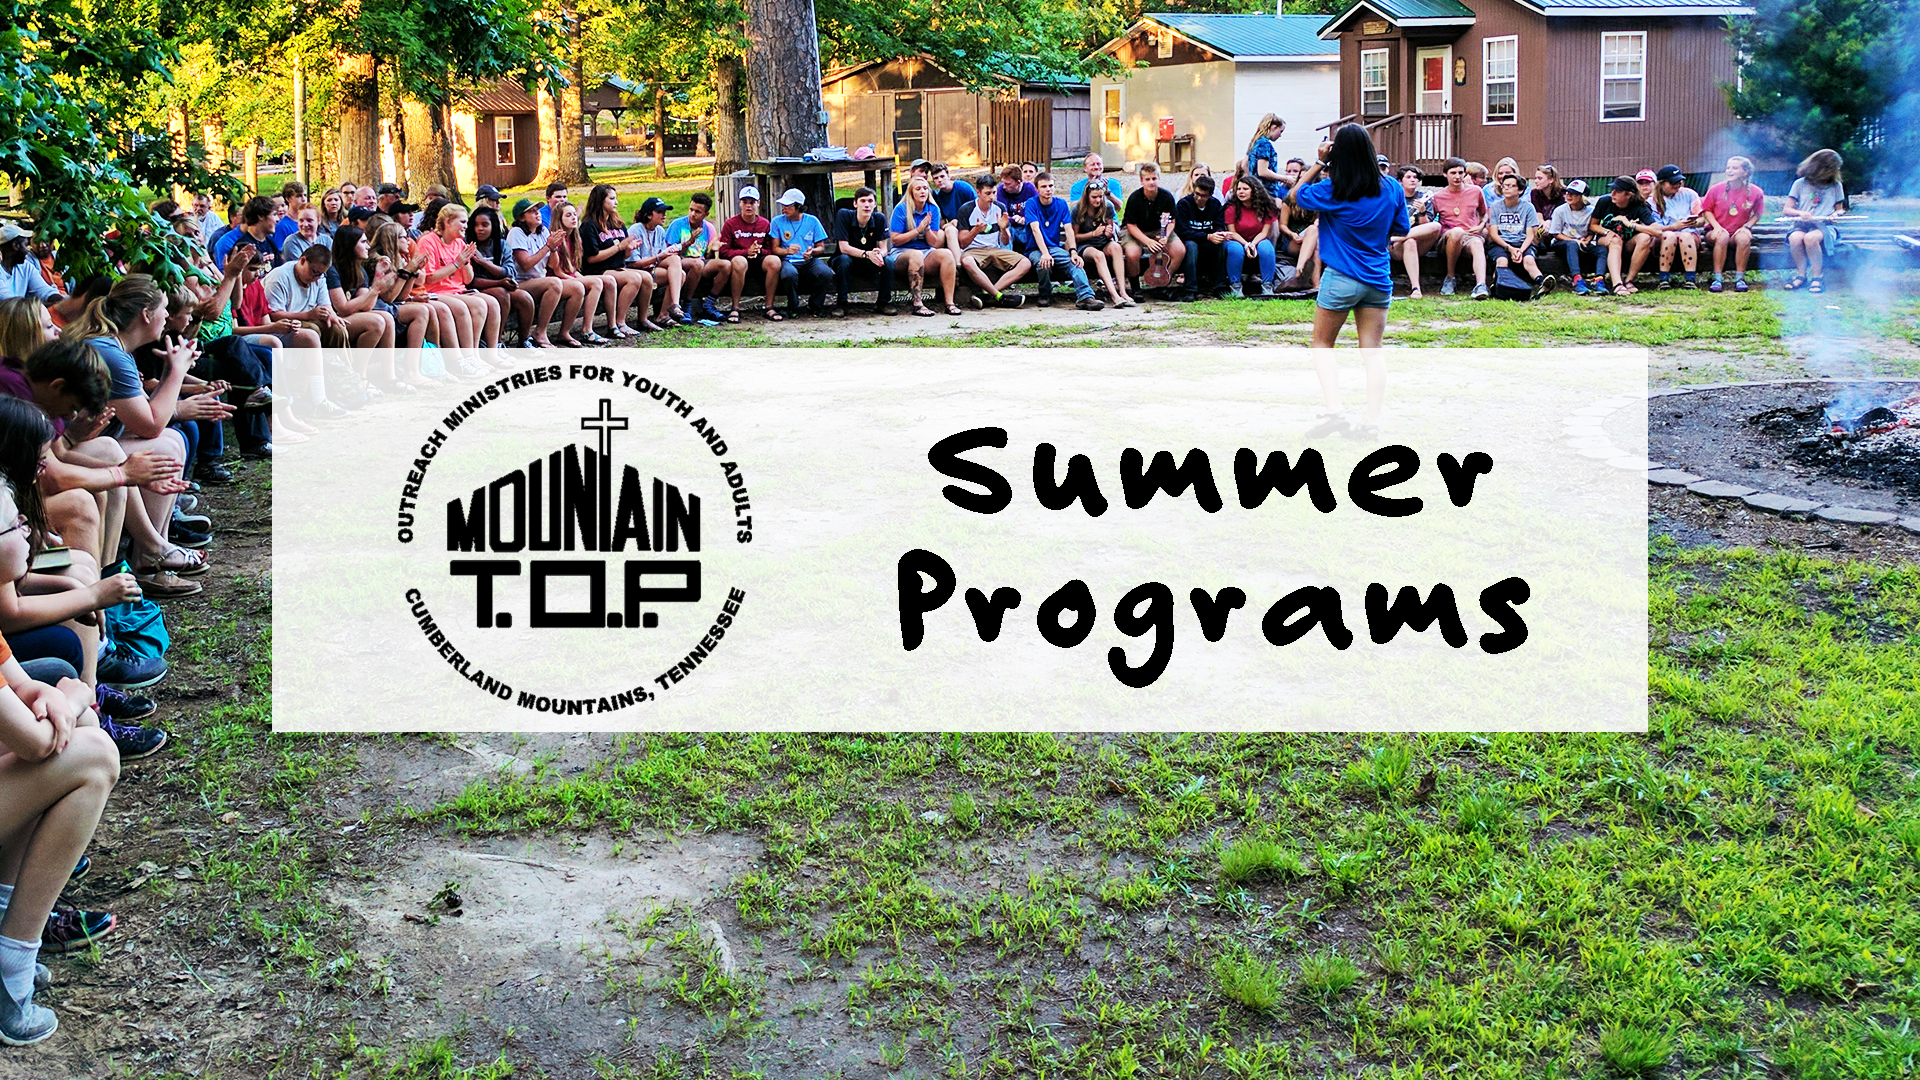 Summer-Programs-Facebook-Cover-Photo.jpg